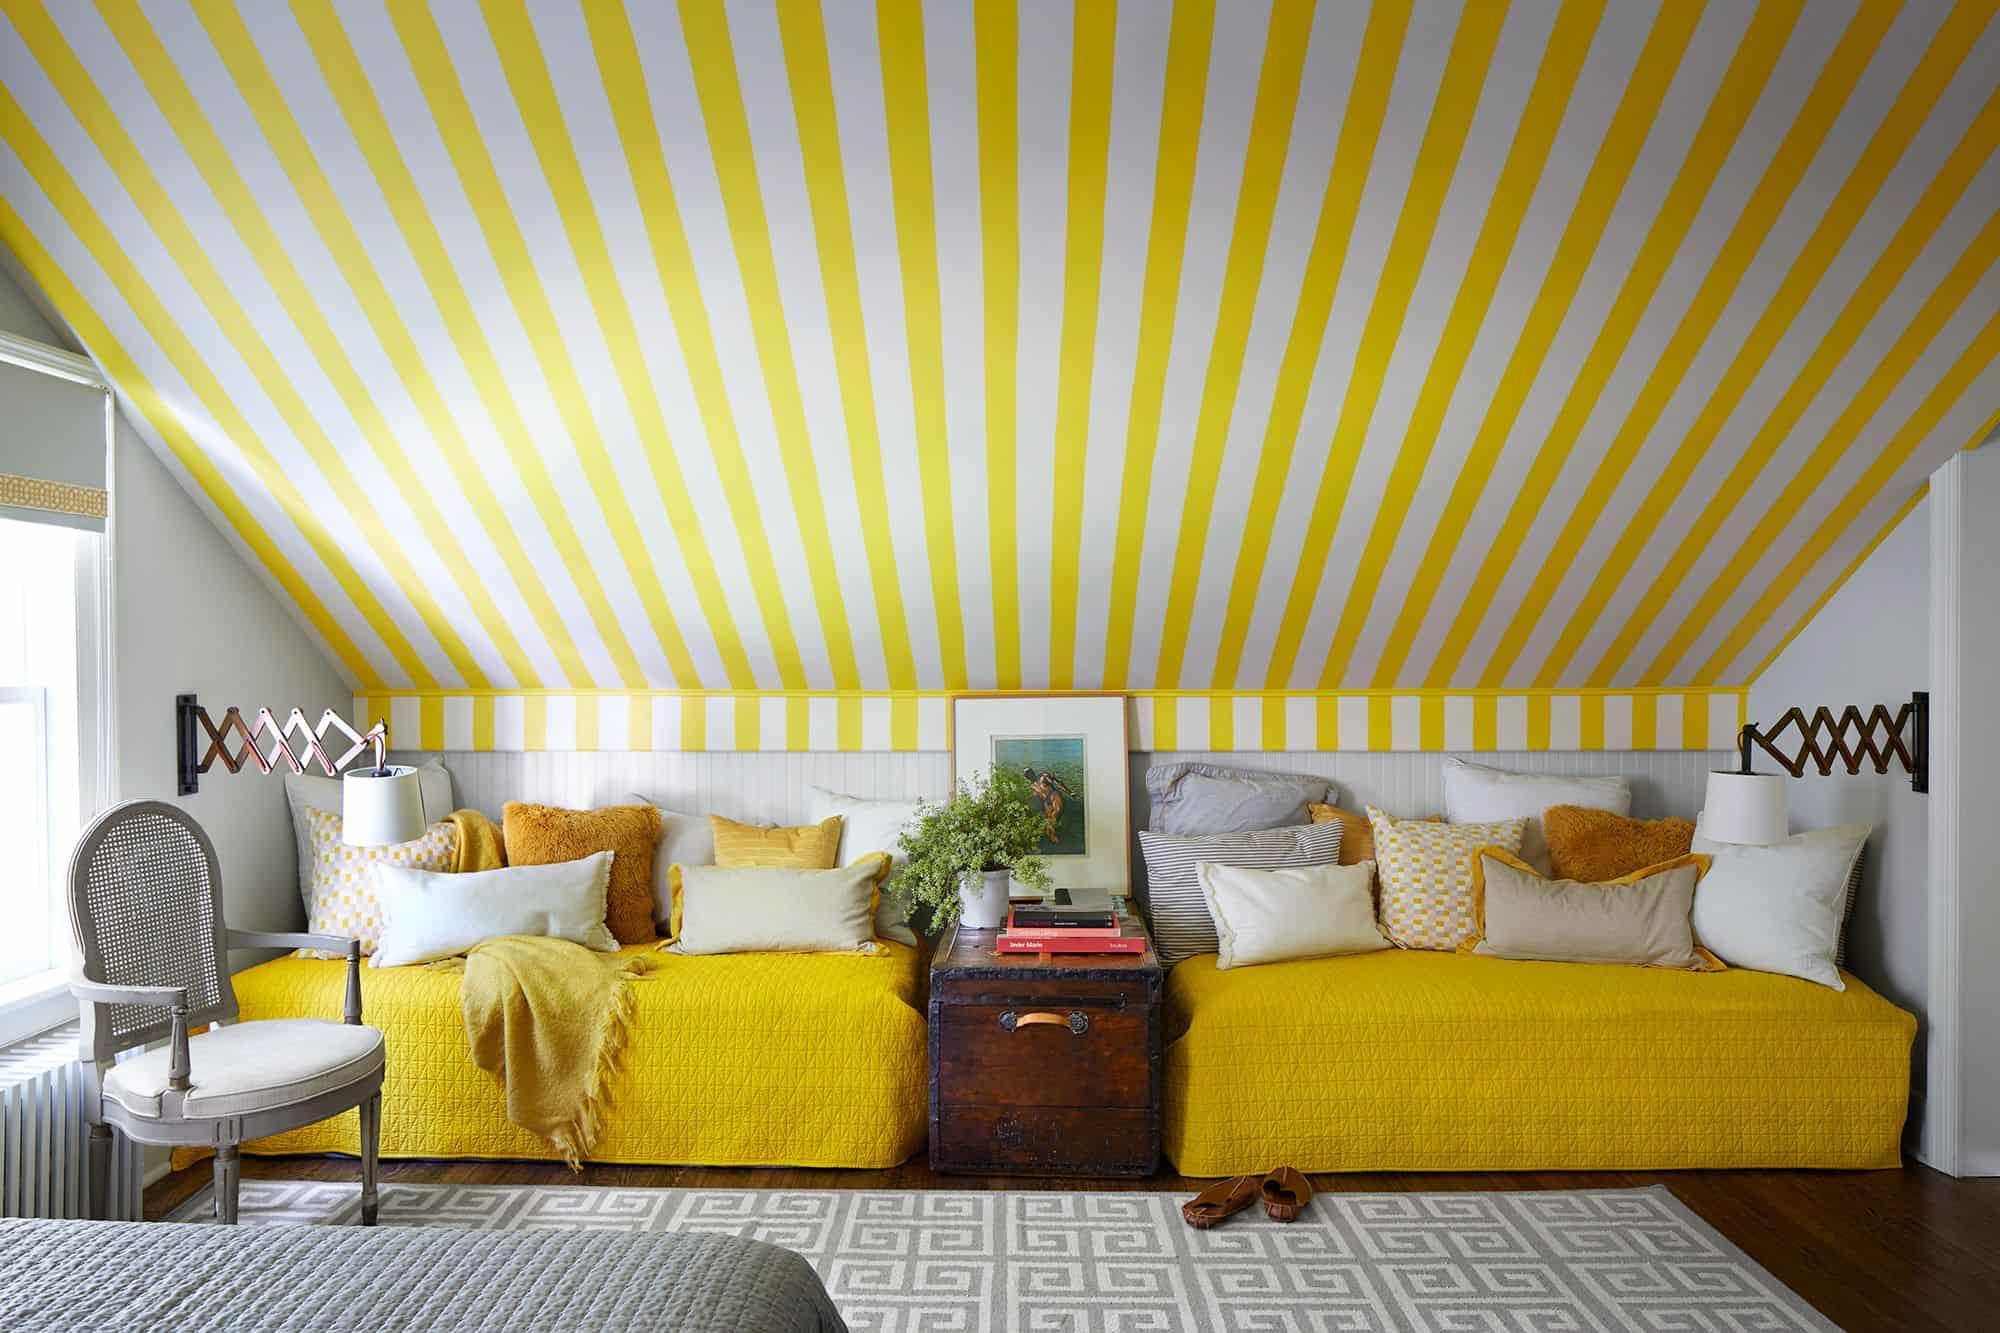 Tüm Gün Büyüleyici Parlaklık Ve Yatak Odası İçin Sarı Rengi Kullanmanın Çekici Yolları